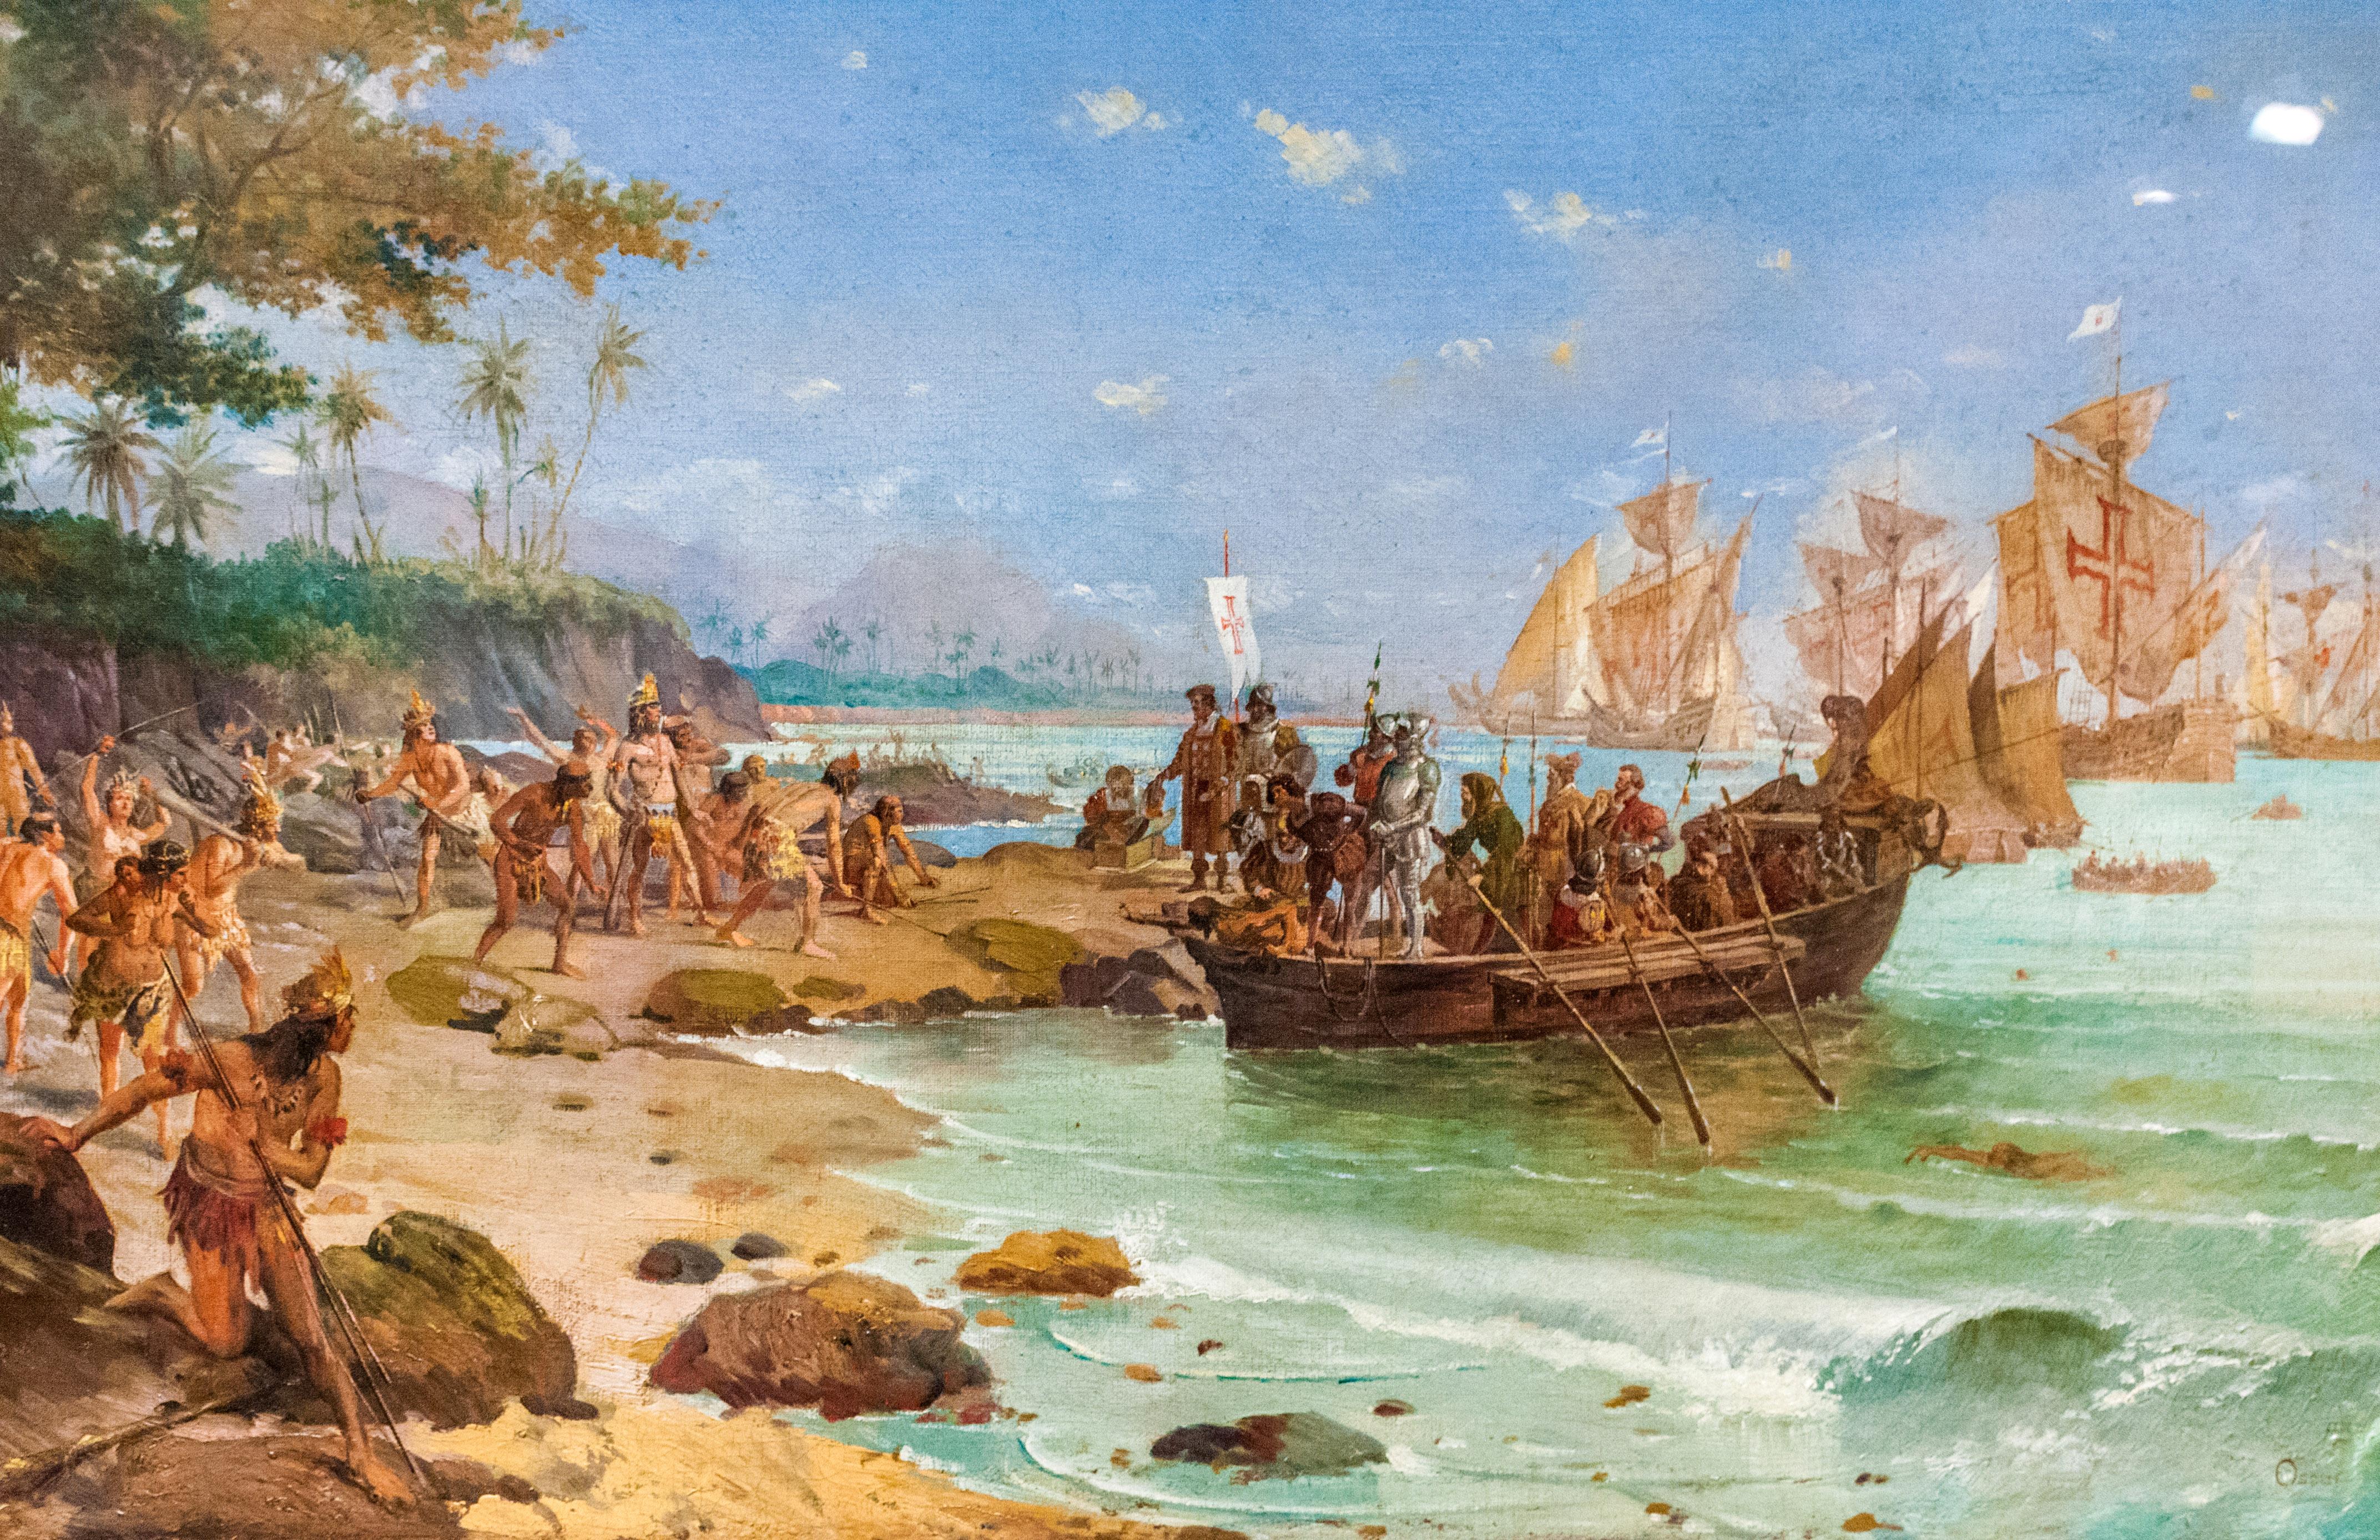 Perjanjian tordesillas adalah perjanjian yang membagi bumi menjadi 2 bagian yang dimiliki Spanyol dan yang dimiliki oleh Portugal